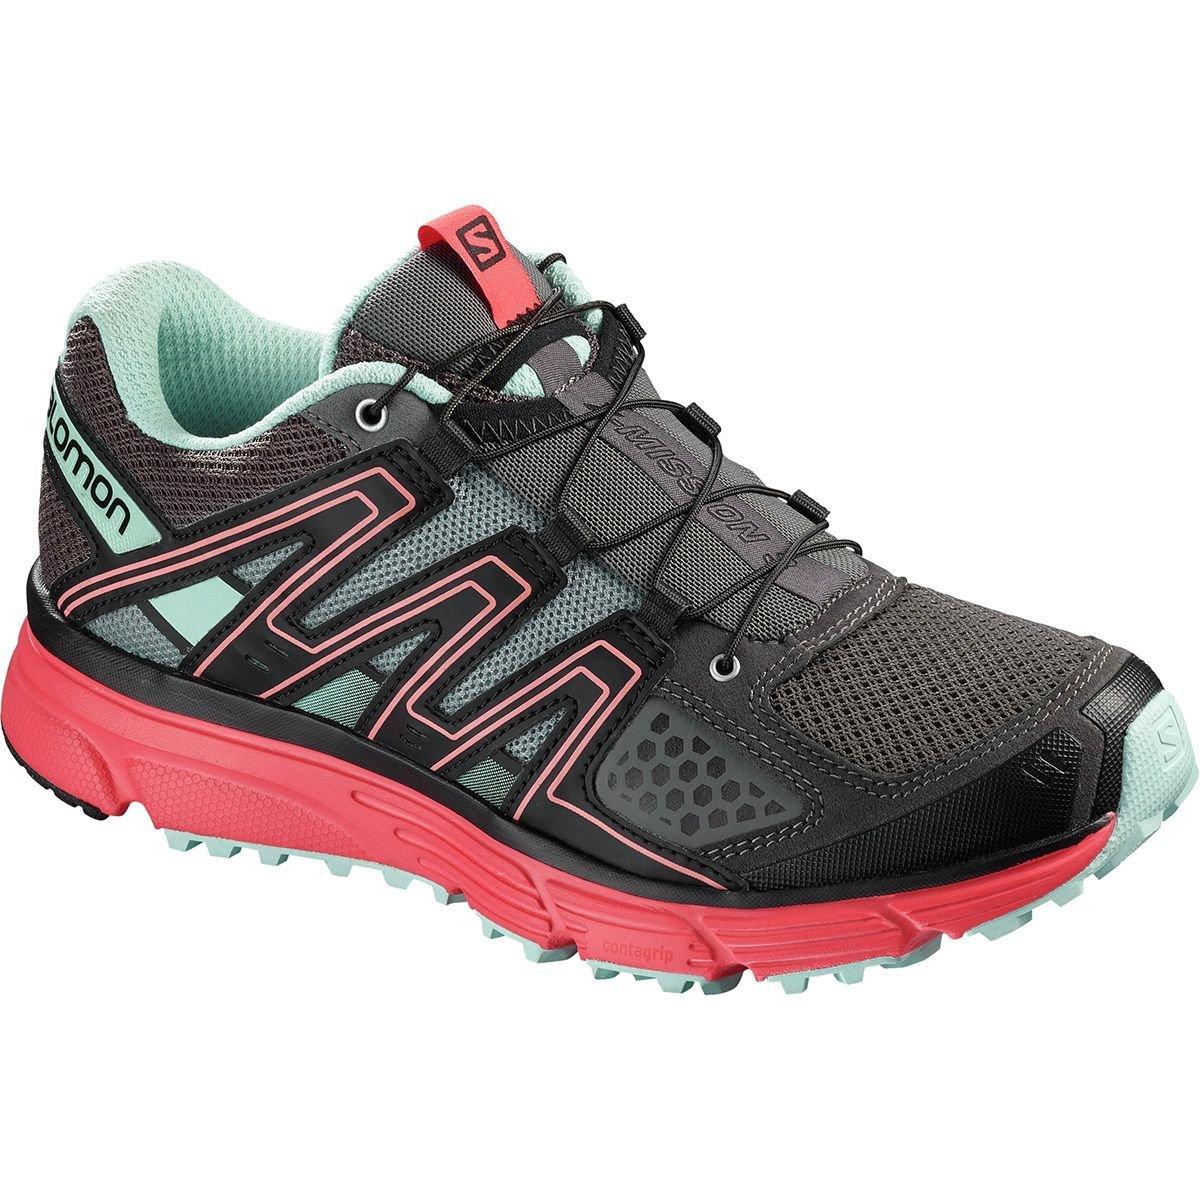 独特な店 [サロモン] [並行輸入品] レディース ランニング Running X-Mission 3 Trail Shoe Running Shoe [並行輸入品] B07JZZMVRJ US-10.0/UK-8.5, カーパーツ KATSUNOKI国際:2324806e --- trademark.officeporto.com